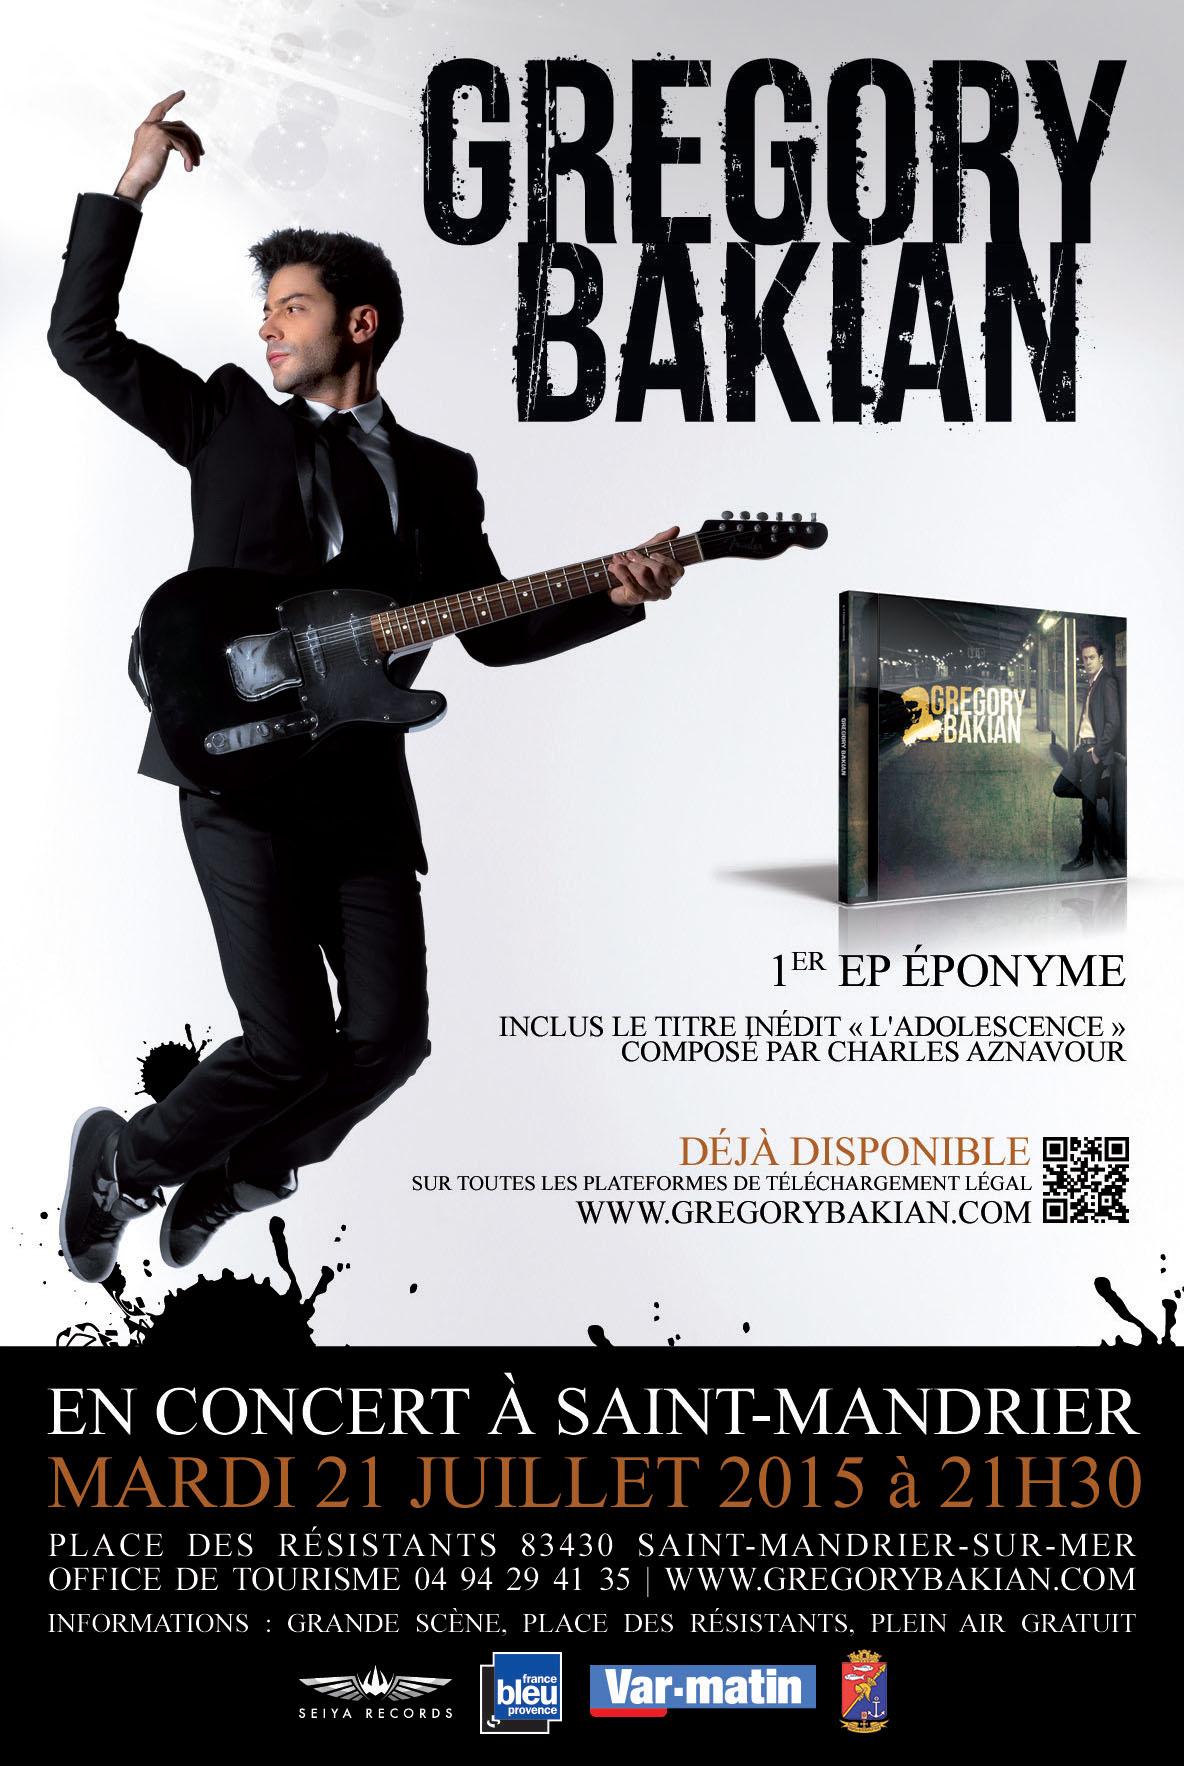 Grégory Bakian en concert à Saint-Mandrier-sur-Mer, le 21 juillet